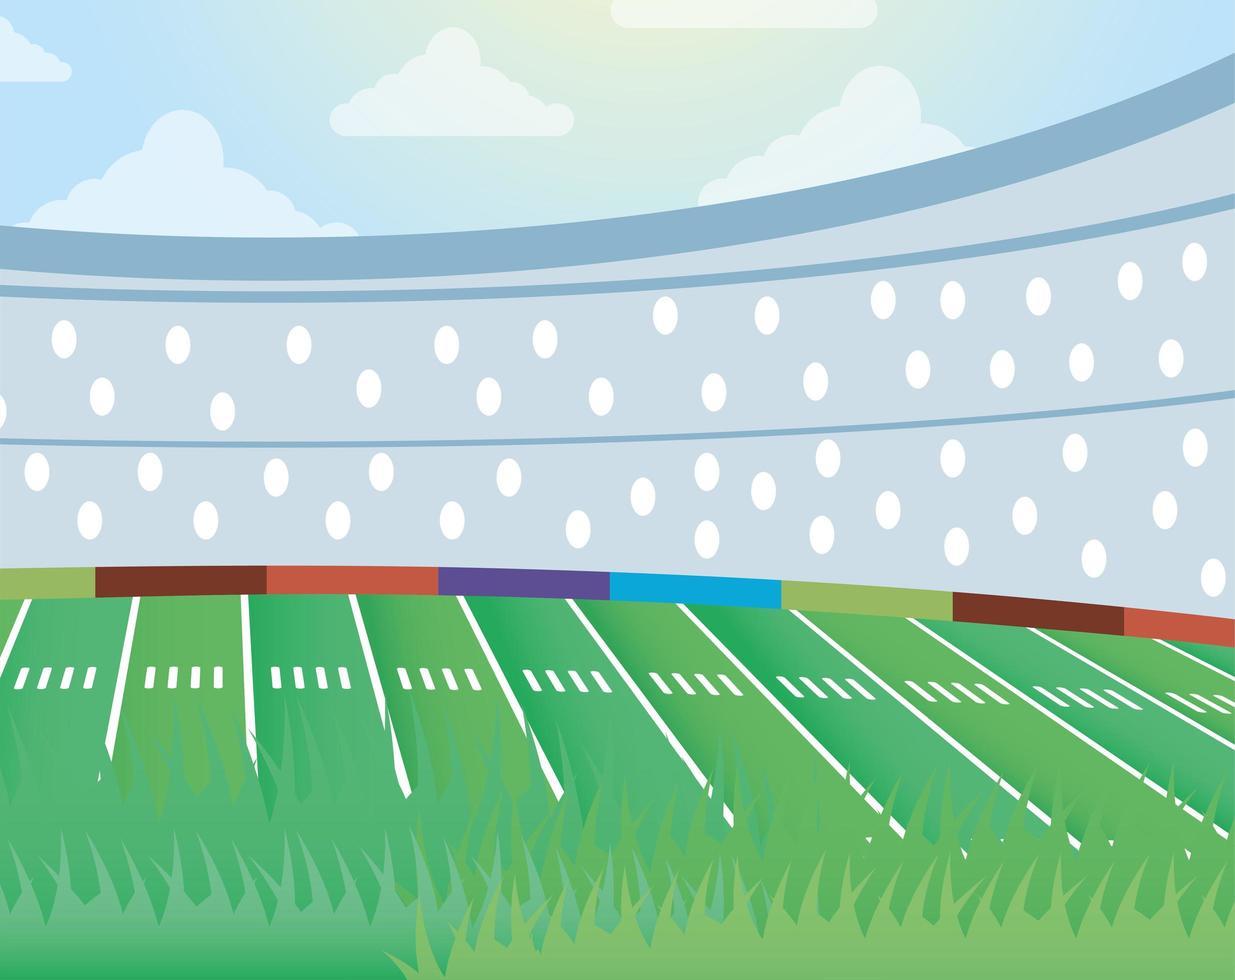 icône de scène de terrain de football américain vecteur